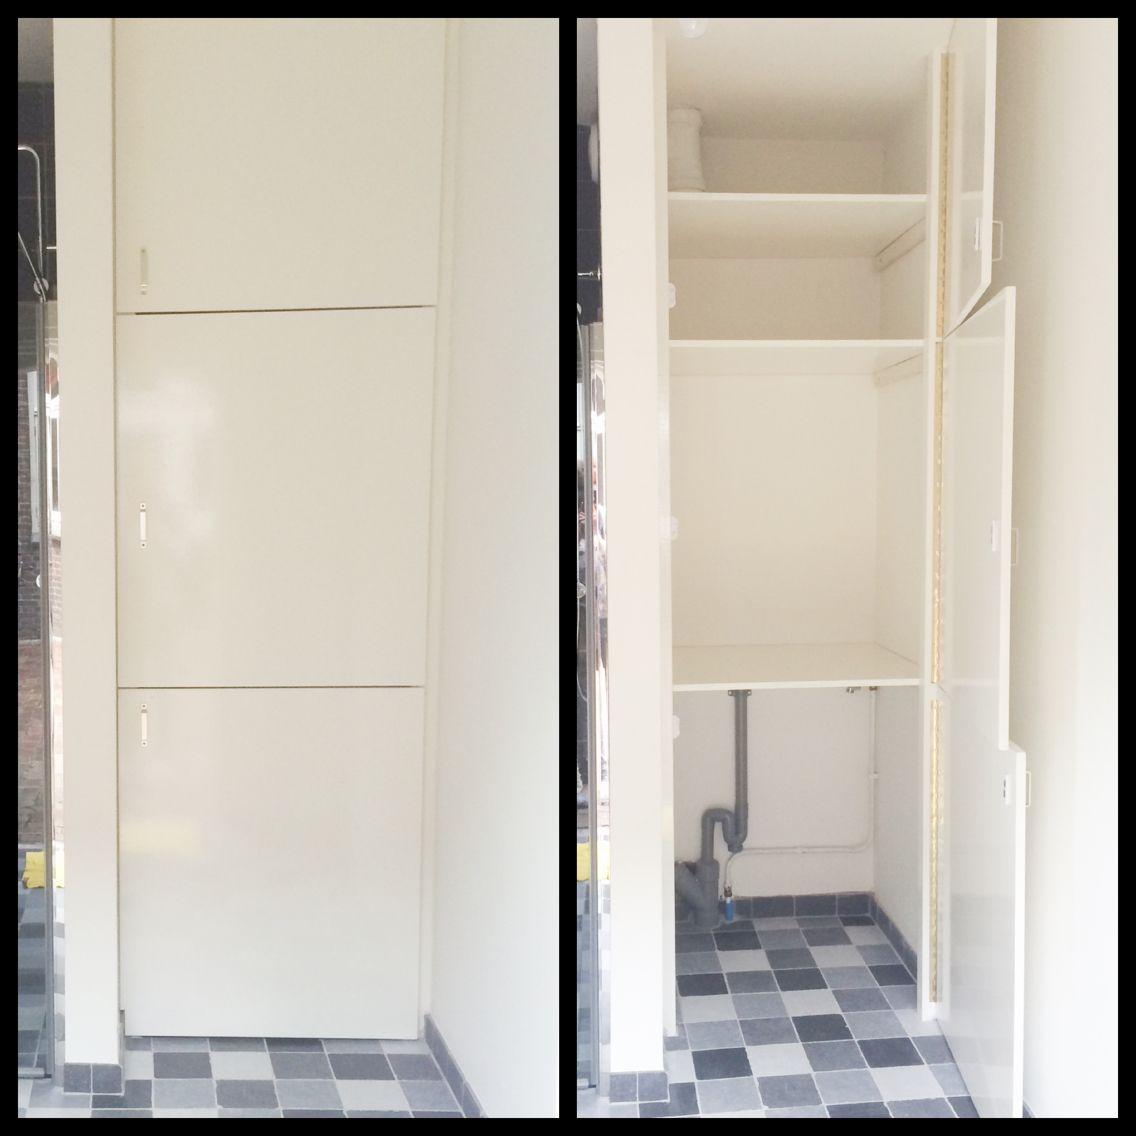 Wasmachine Kast Leenbakker : Ikea wasmachine ombouw free wasmachine verhoger met lade ikea